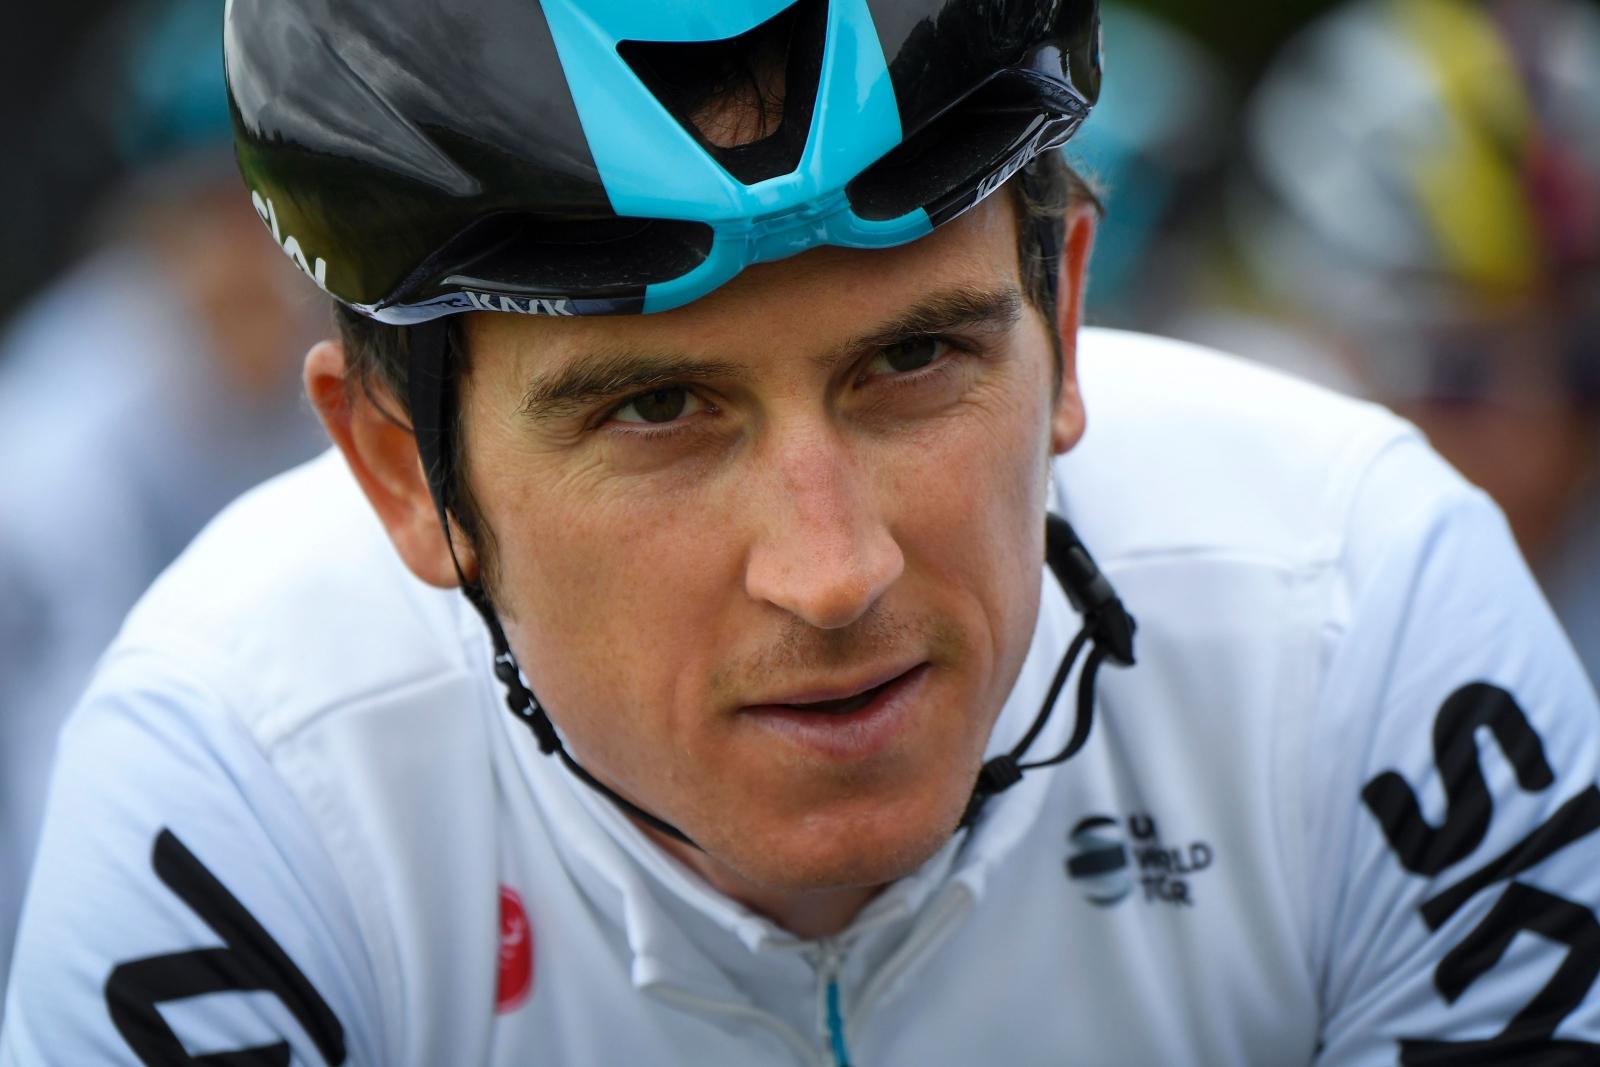 Tour De France 2017 Geraint Thomas Claims Yellow Jersey